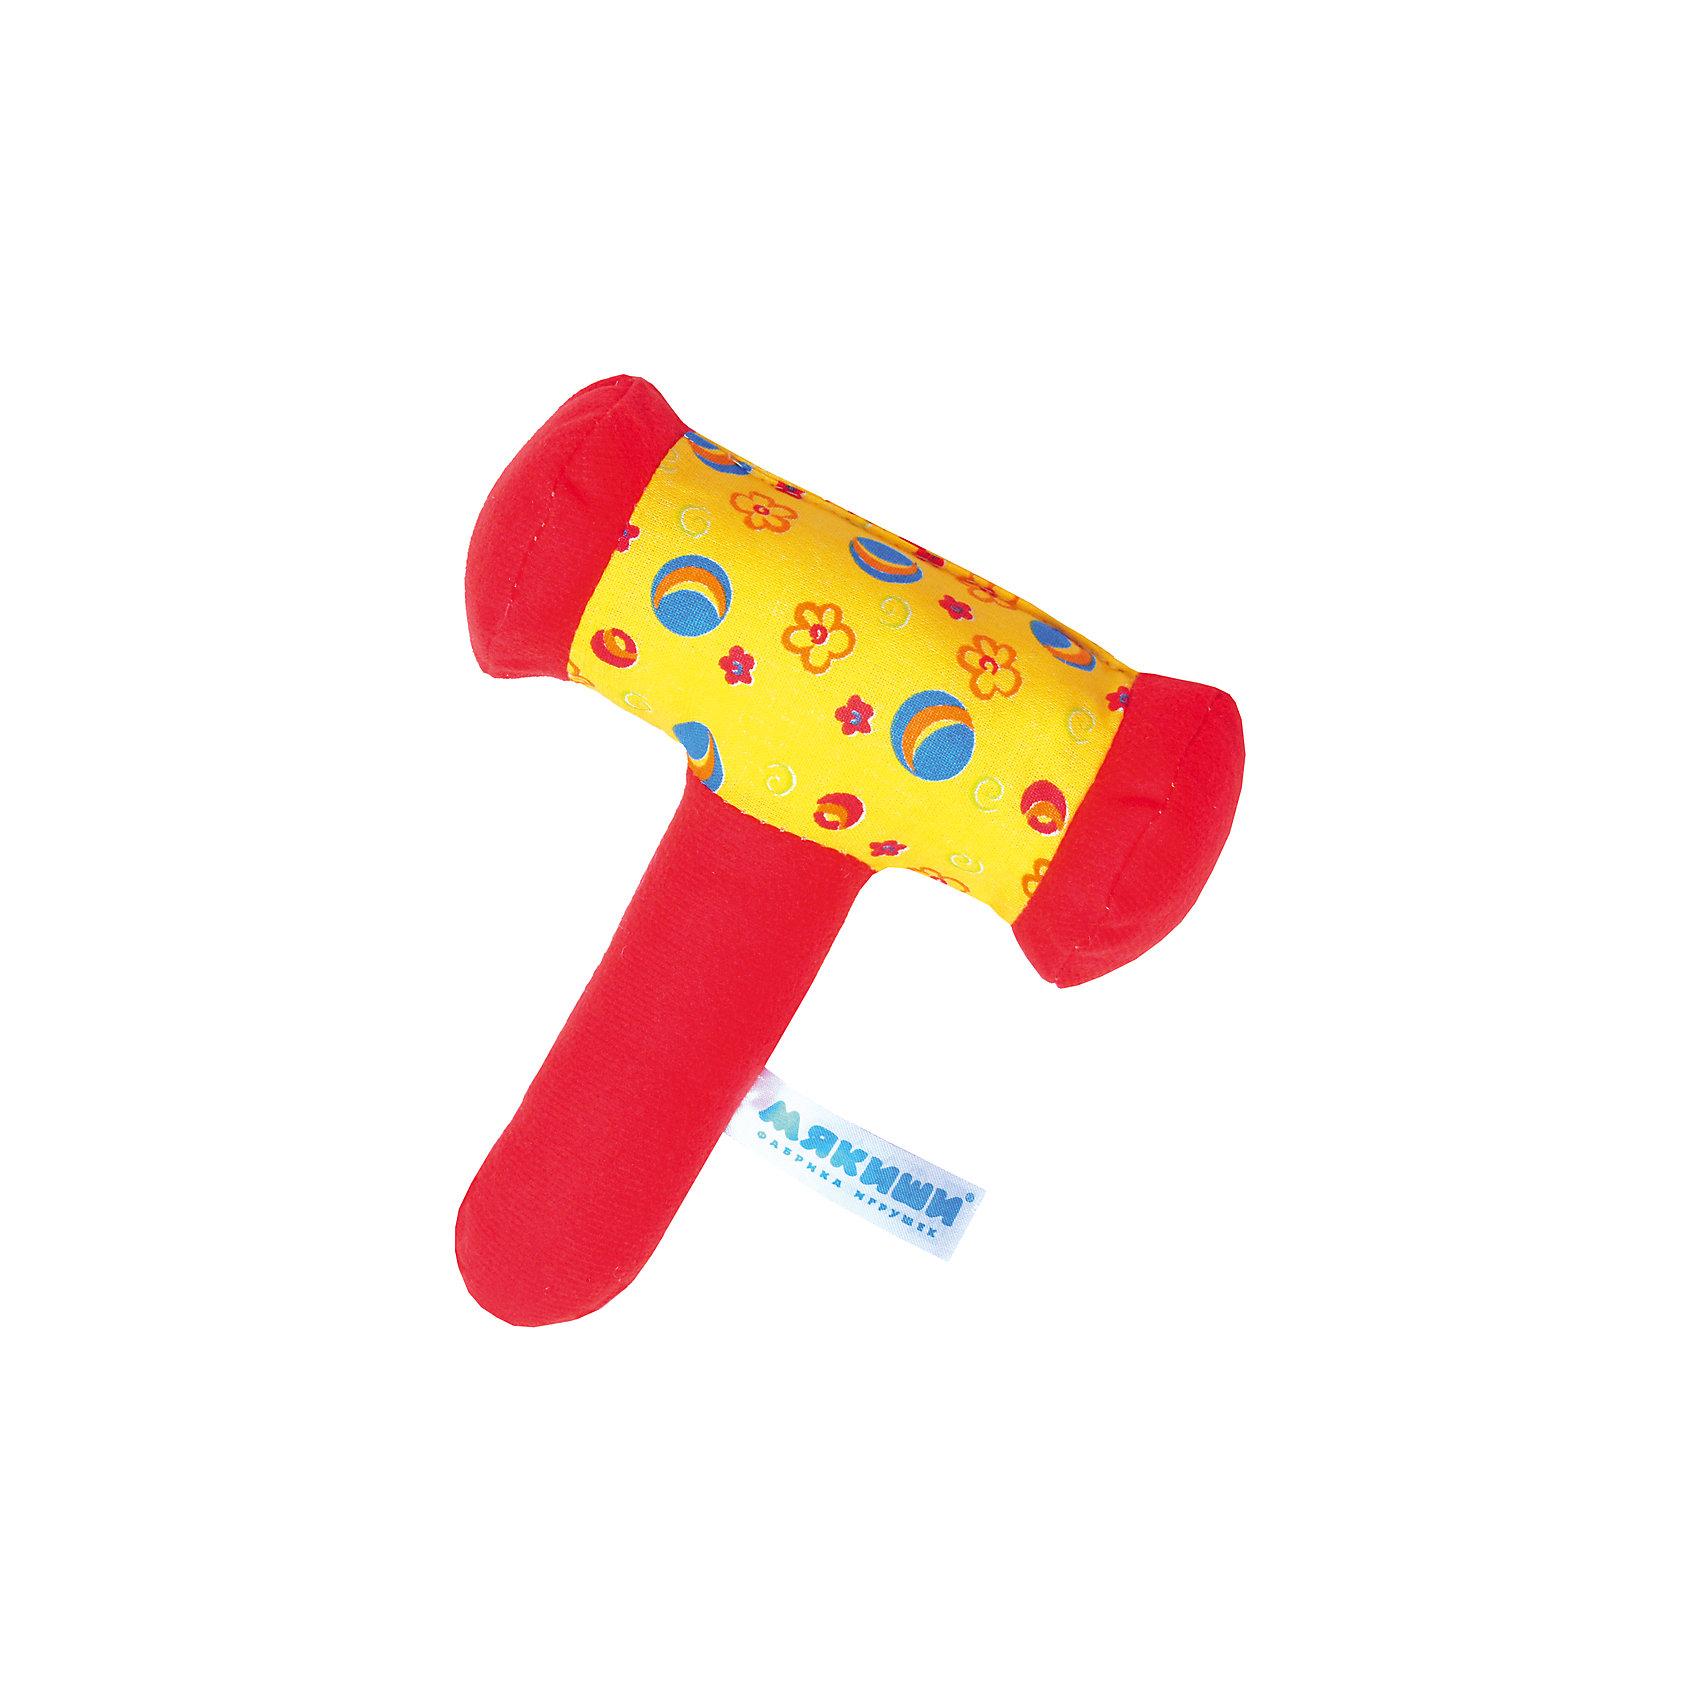 """Развивающая погремушка """"Колотушка"""", МякишиМягкие игрушки<br>Характеристики товара:<br><br>• материал: разнофактурный текстиль, поролон<br>• комплектация: 1 шт<br>• размер игрушки: 13х17 см<br>• звуковой элемент<br>• развивающая игрушка<br>• упаковка: картон<br>• страна бренда: РФ<br>• страна изготовитель: РФ<br><br>Малыши активно познают мир и тянутся к новой информации. Чтобы сделать процесс изучения окружающего пространства интереснее, ребенку можно подарить развивающие игрушки. В процессе игры информация усваивается намного лучше!<br>Такие игрушки помогут занять малыша, играть ими приятно и весело. Одновременно они позволят познакомиться со многими цветами, фактурами, а также научиться извлекать звук. Подобные игрушки развивают тактильные ощущения, моторику, цветовосприятие, логику, воображение, учат фокусировать внимание. Каждое изделие абсолютно безопасно – оно создано из качественной ткани с мягким наполнителем. Игрушки производятся из качественных и проверенных материалов, которые безопасны для детей.<br><br>Развивающую погремушку """"Колотушка"""" от бренда Мякиши можно купить в нашем интернет-магазине.<br><br>Ширина мм: 140<br>Глубина мм: 40<br>Высота мм: 170<br>Вес г: 250<br>Возраст от месяцев: 12<br>Возраст до месяцев: 36<br>Пол: Унисекс<br>Возраст: Детский<br>SKU: 5183217"""